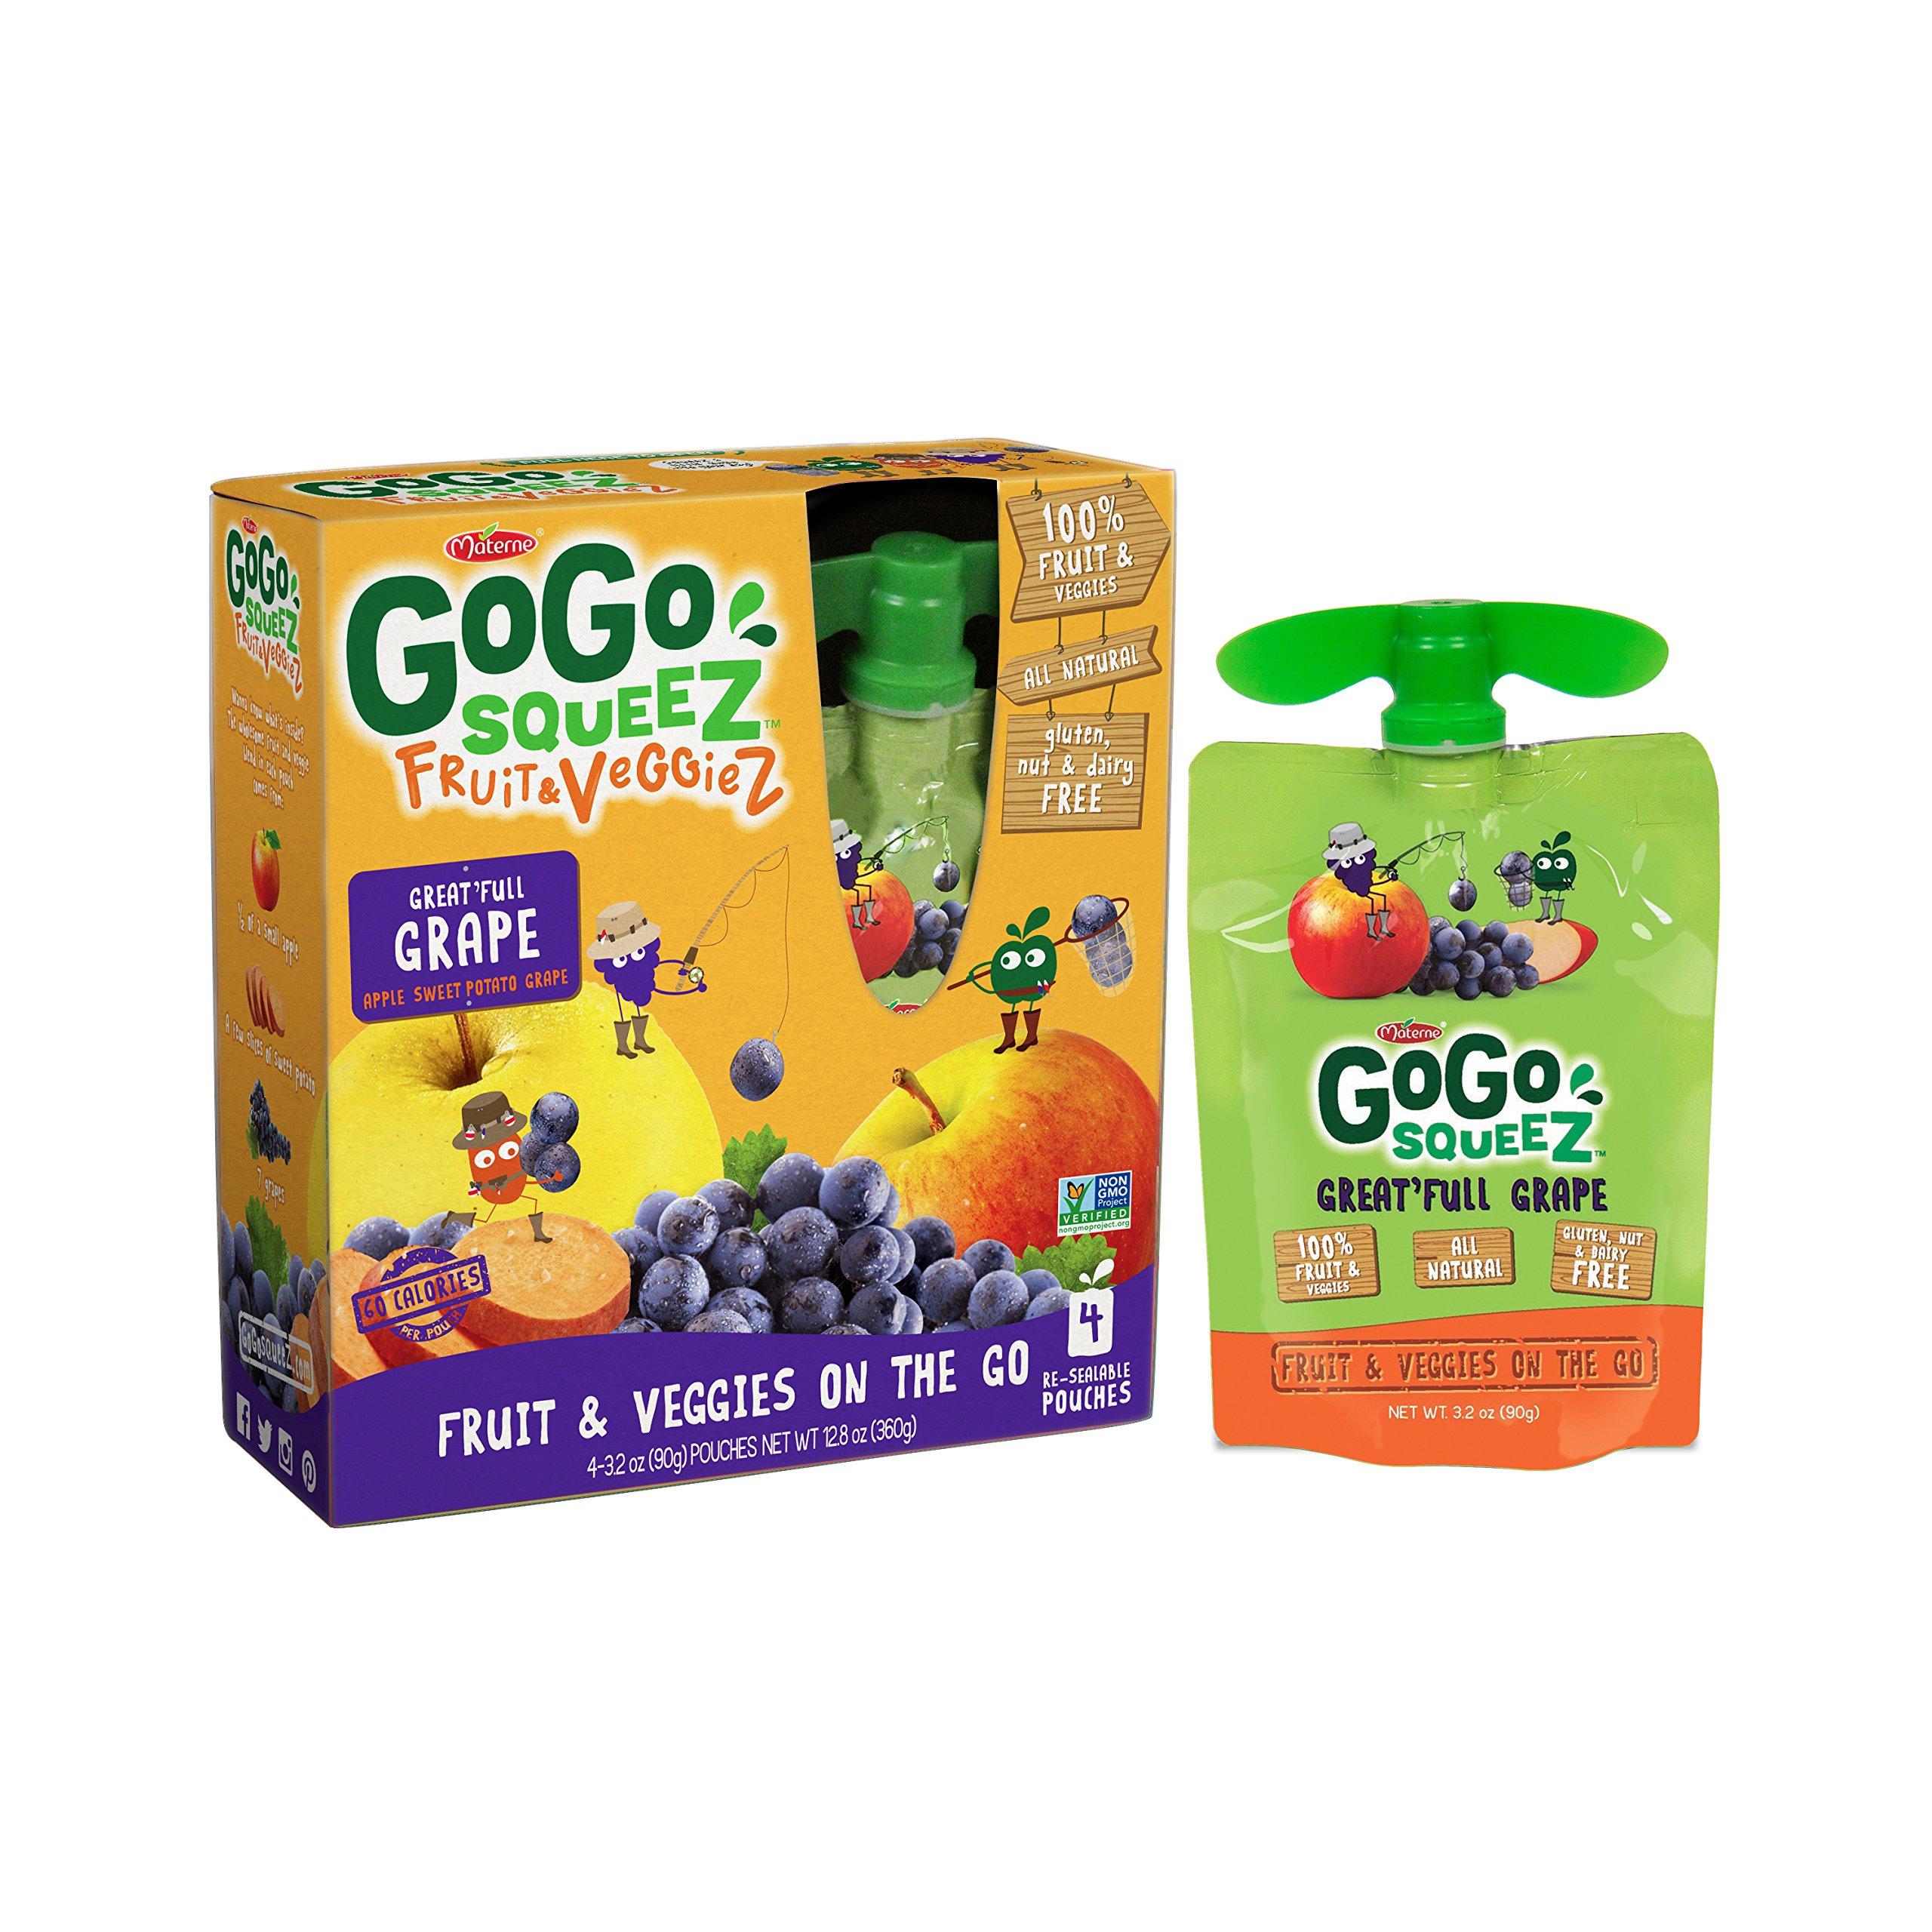 GoGo squeeZ Fruit & VeggieZ, Apple Sweet Potato Grape, 3.2 Ounce Portable BPA-Free Pouches, Gluten-Free, 4 Total Pouches